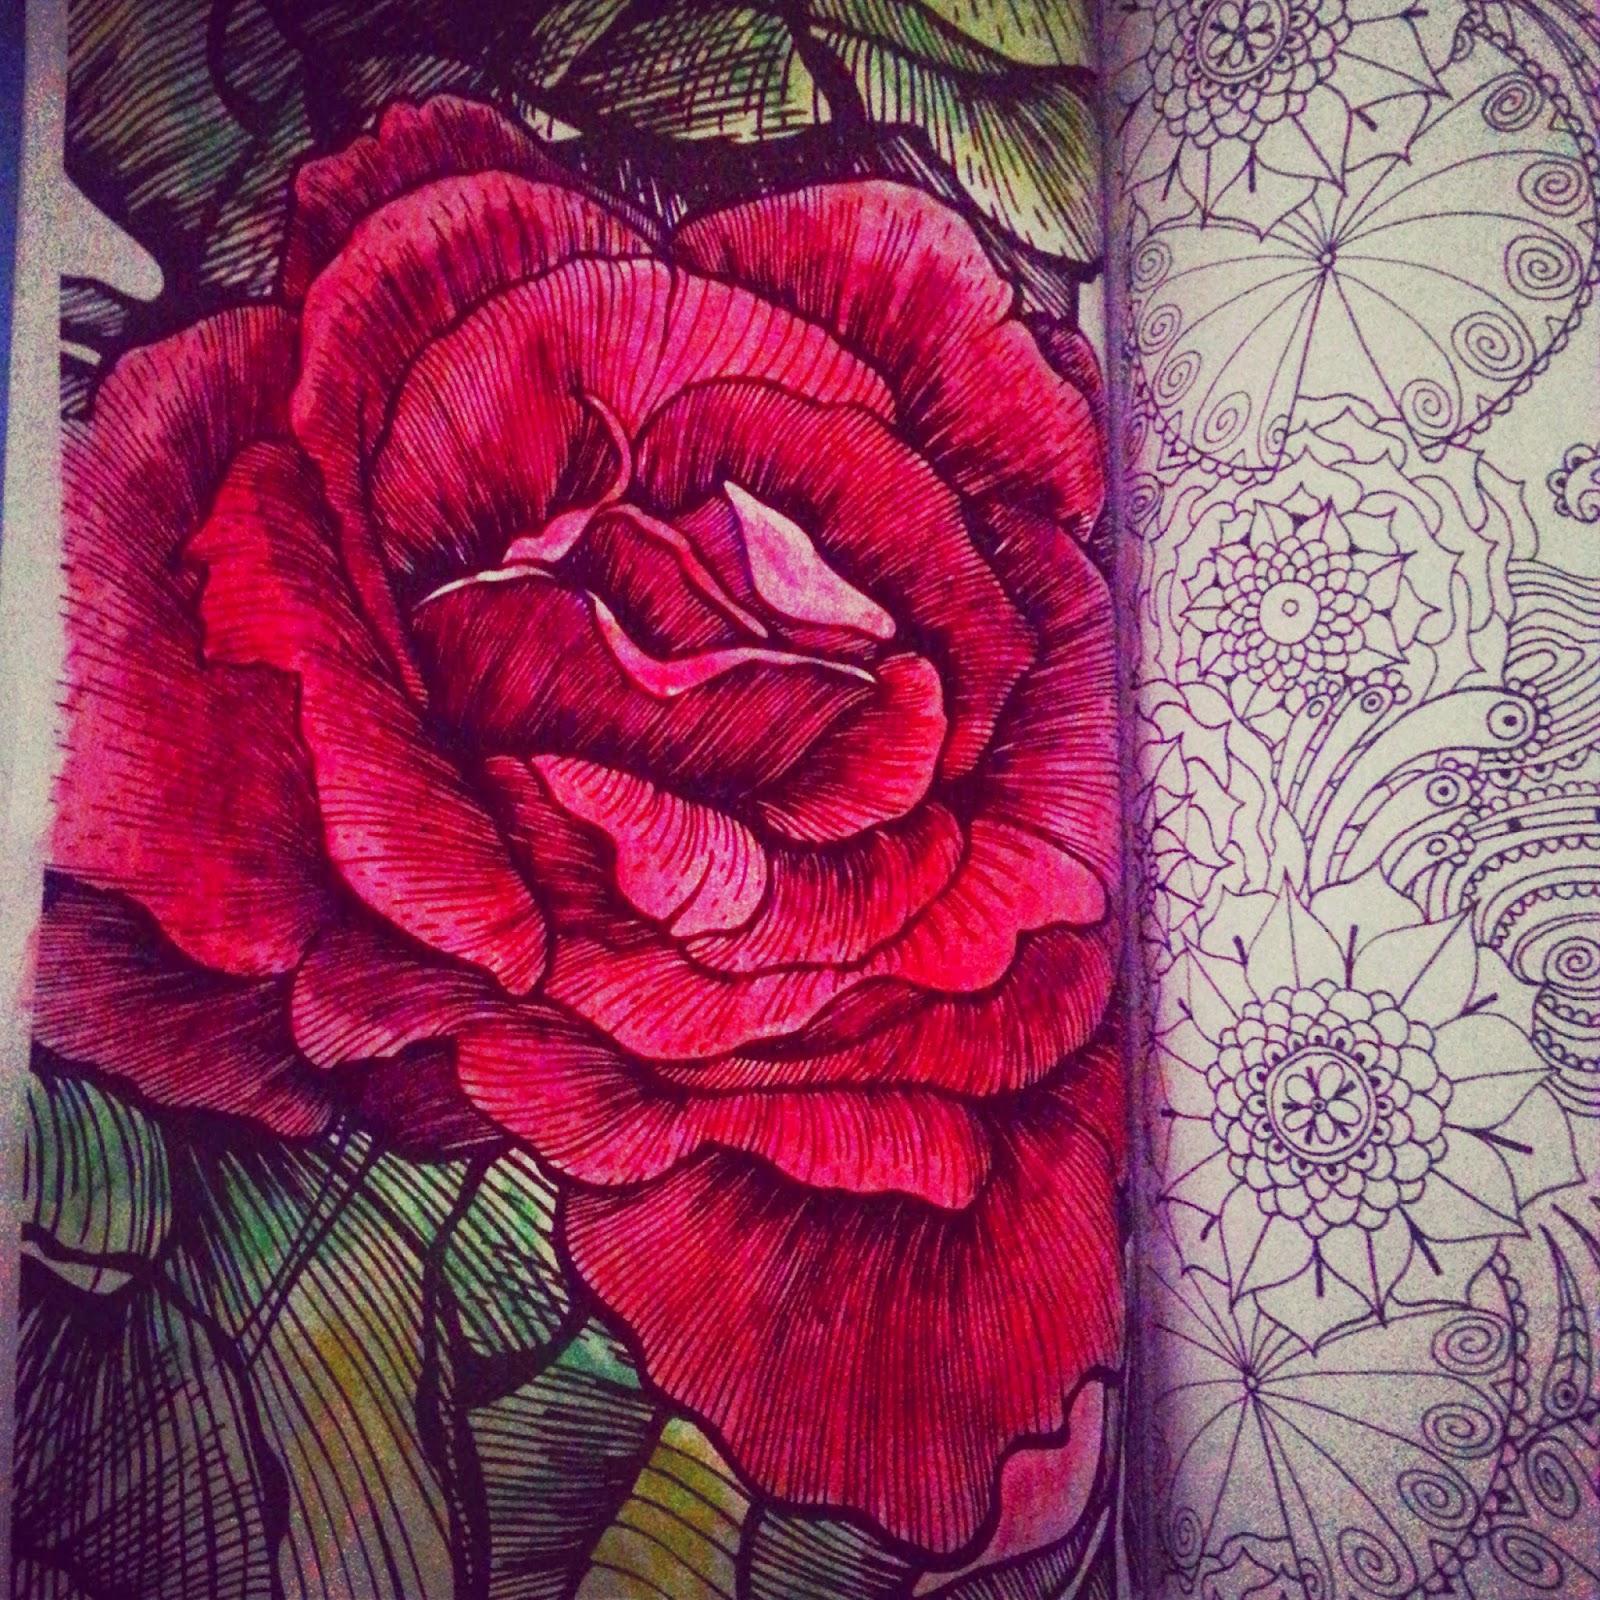 Imagenes De Rosas Rojas Para Dibujar - Corazon Con Rosas Para Dibujar Diccionario en imágenes